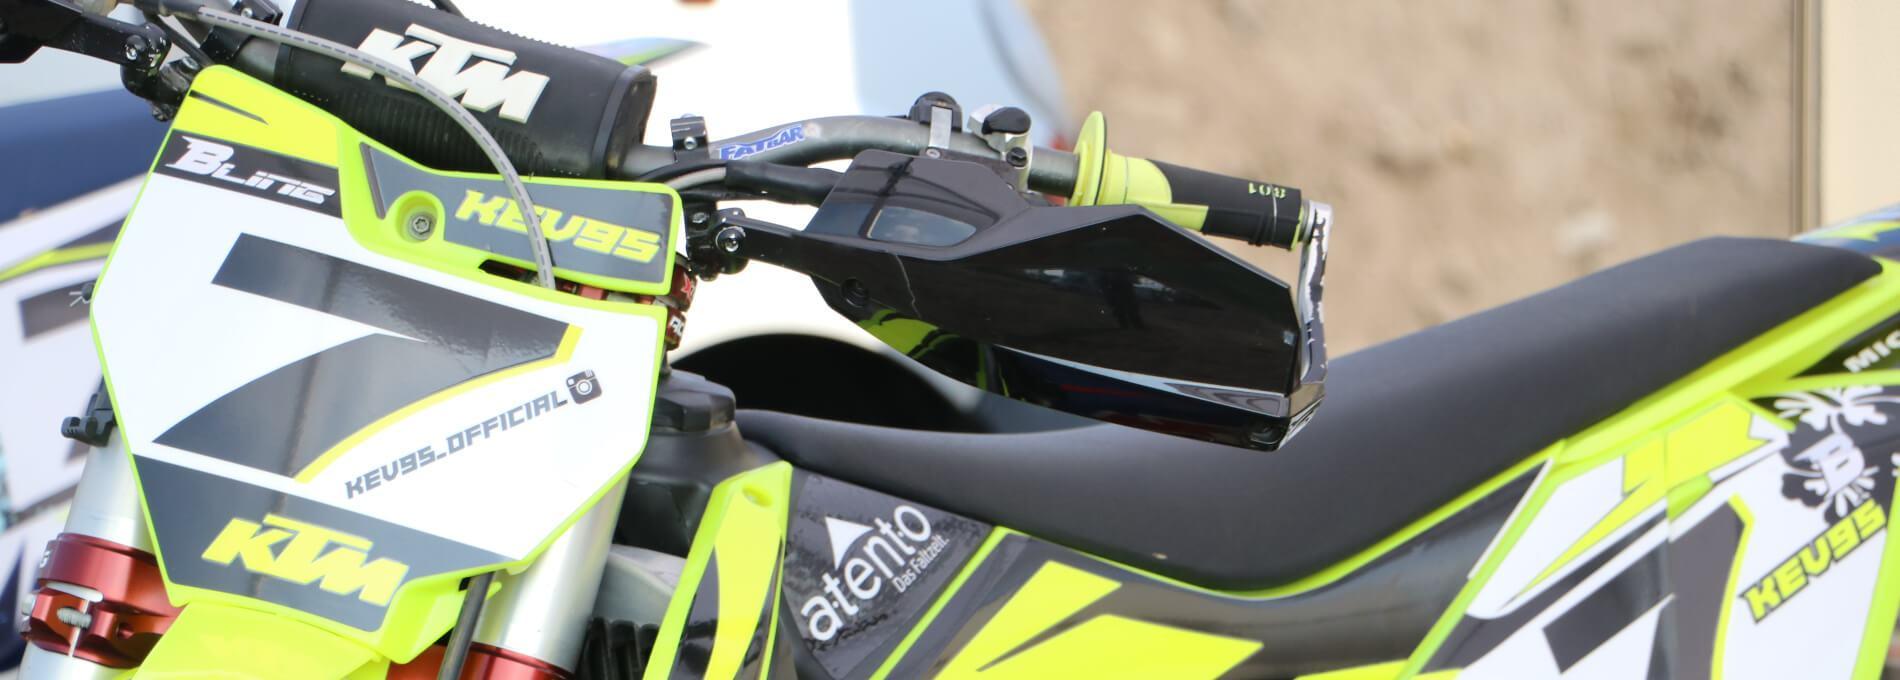 Gesponserter atento Faltpavillon des Rennfahrers Kevin Röttger